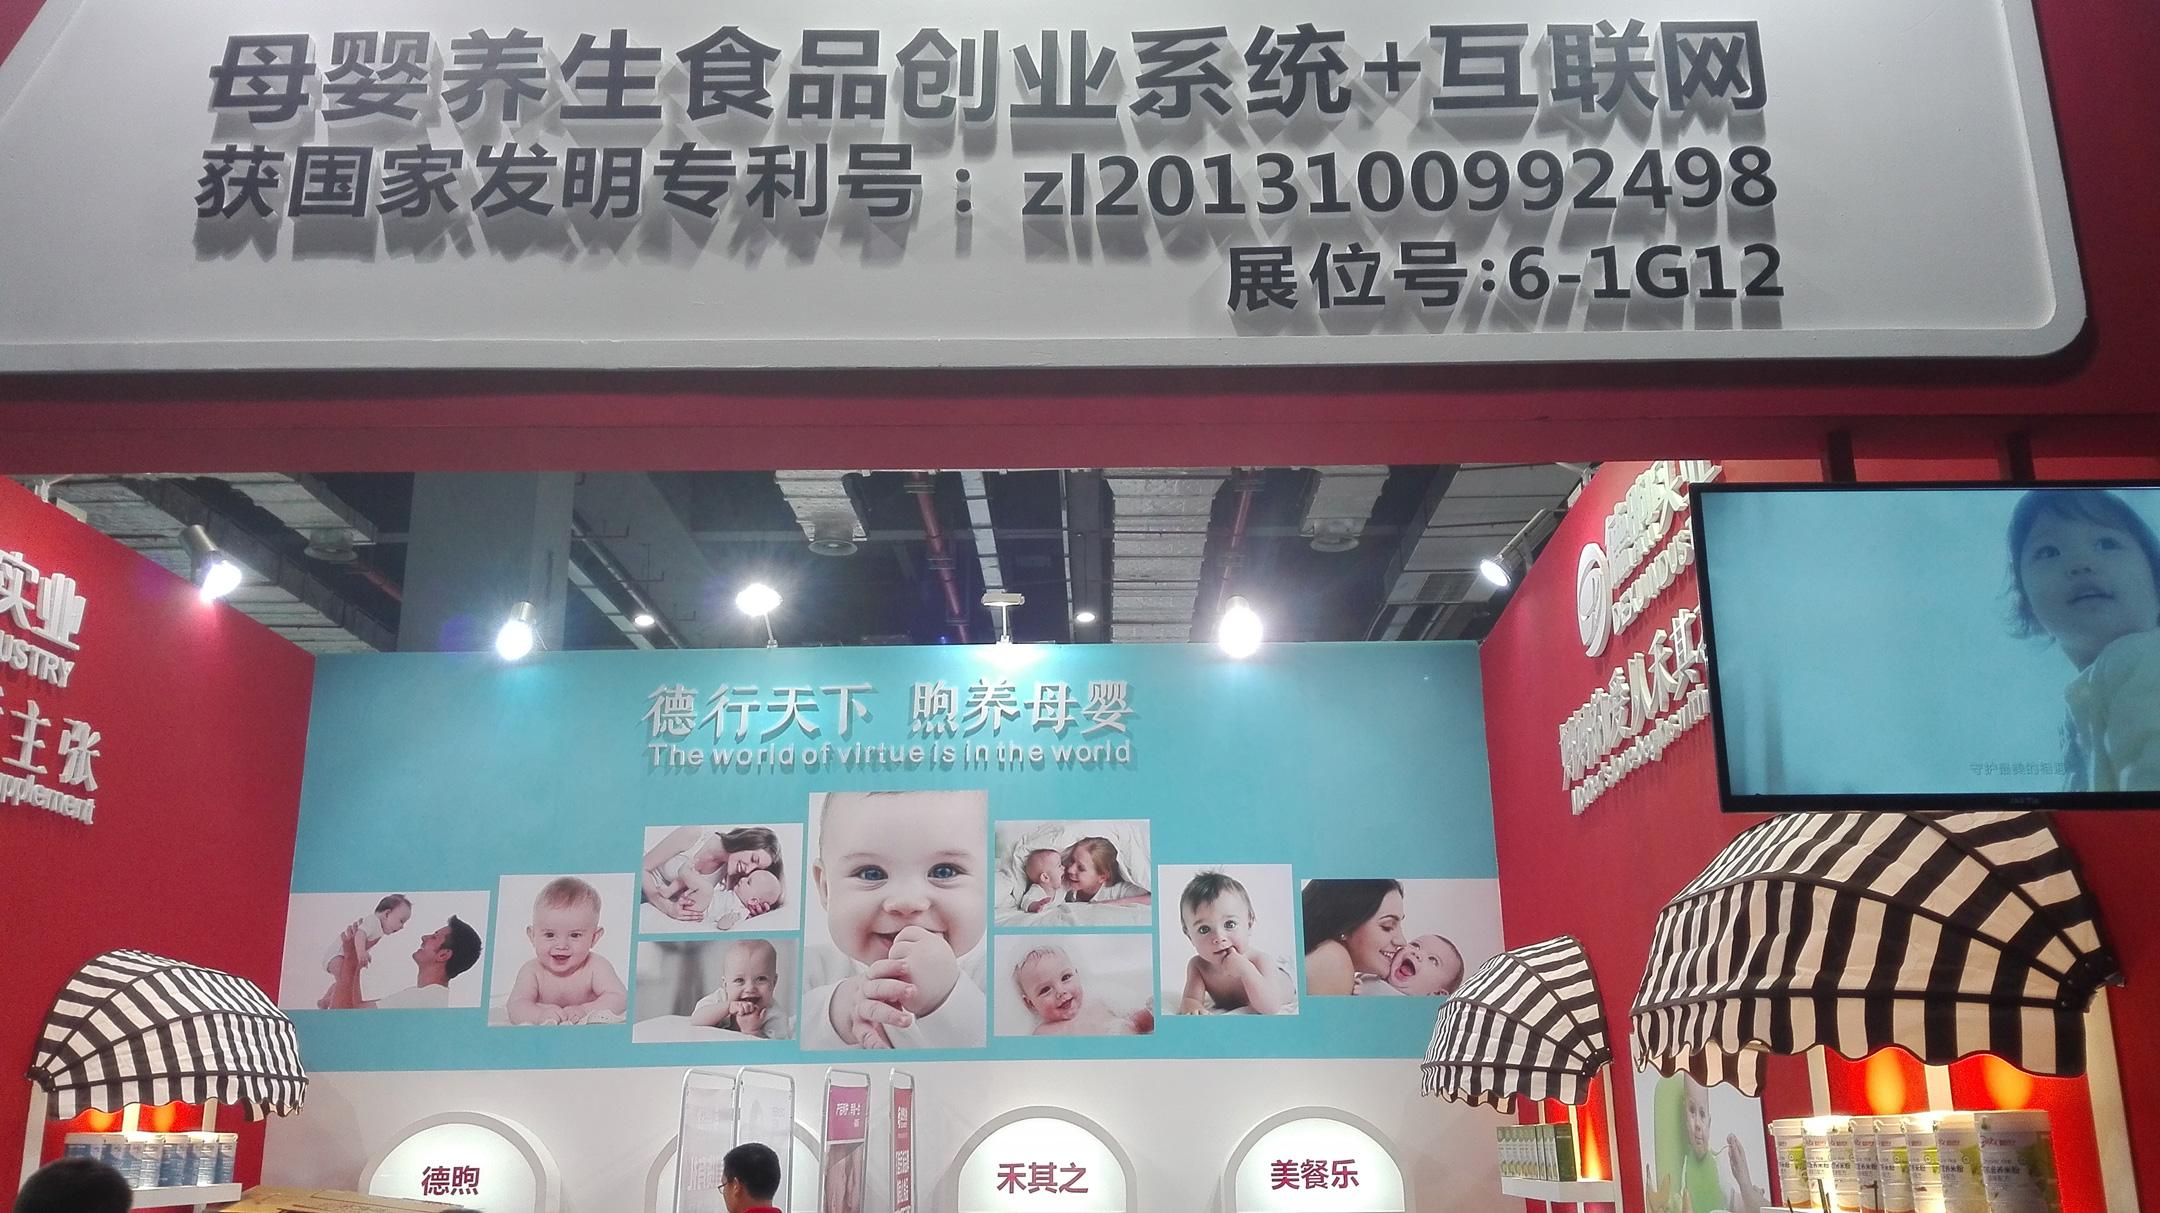 江西德煦实业有限公司参加婴童展会